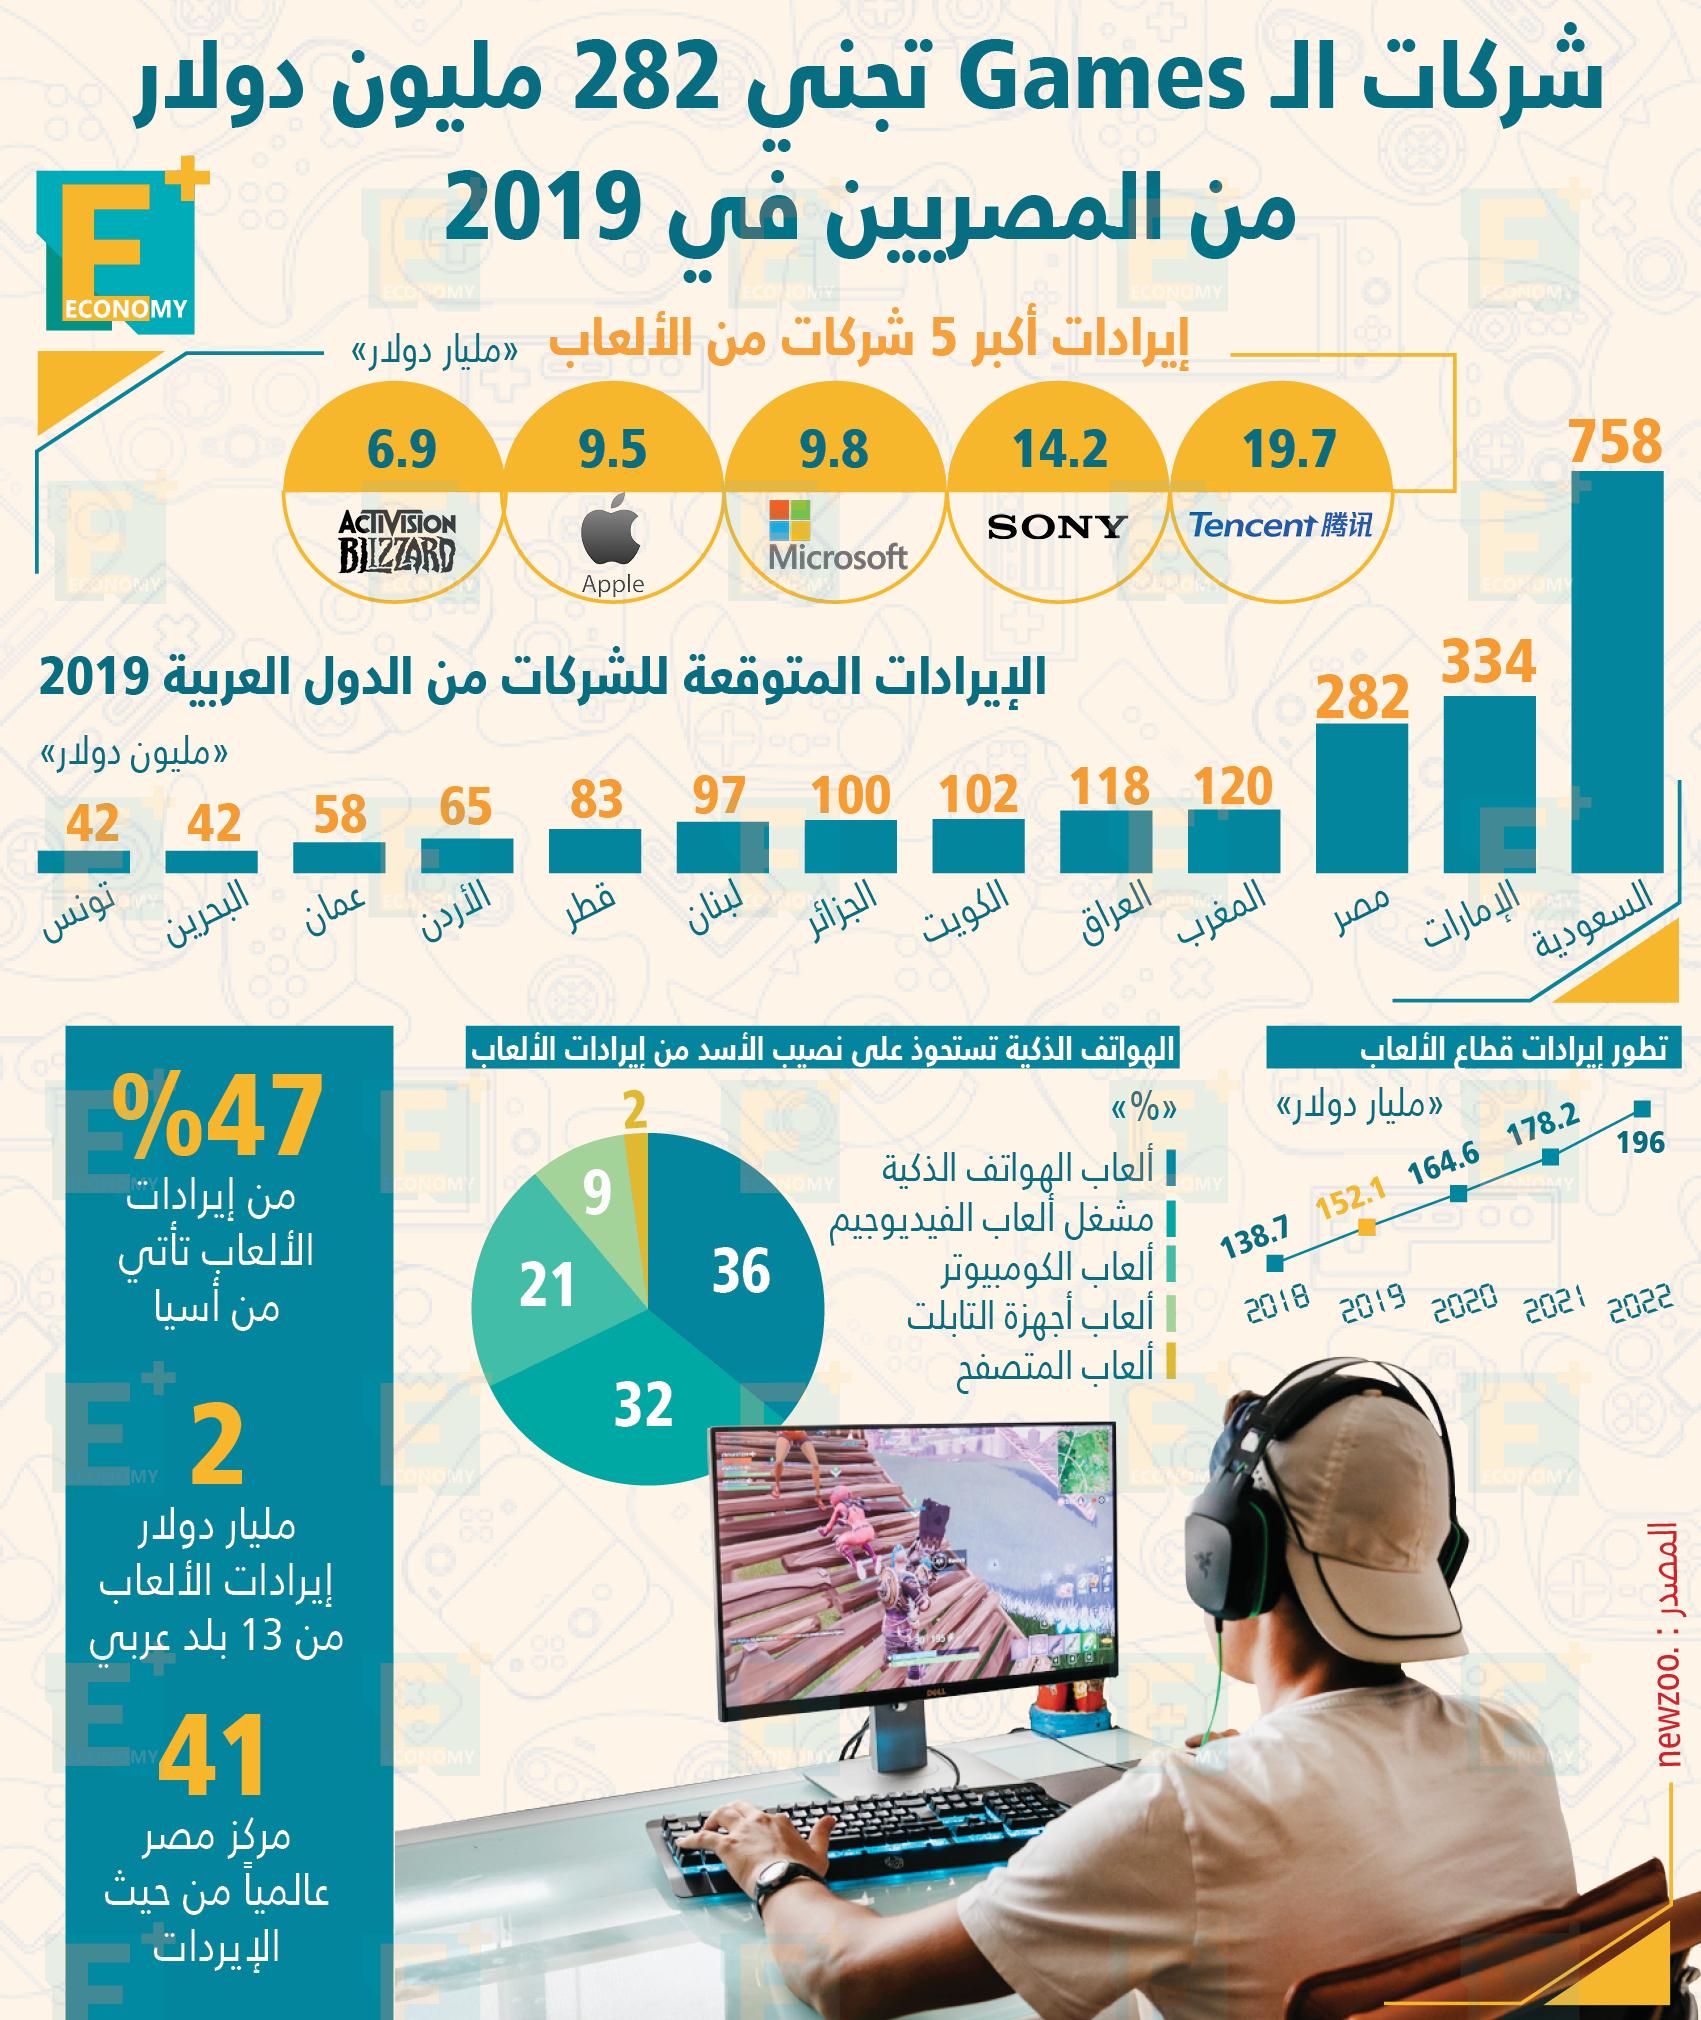 شركات الـ Games تجني 282 مليون دولار من المصريين في 2019